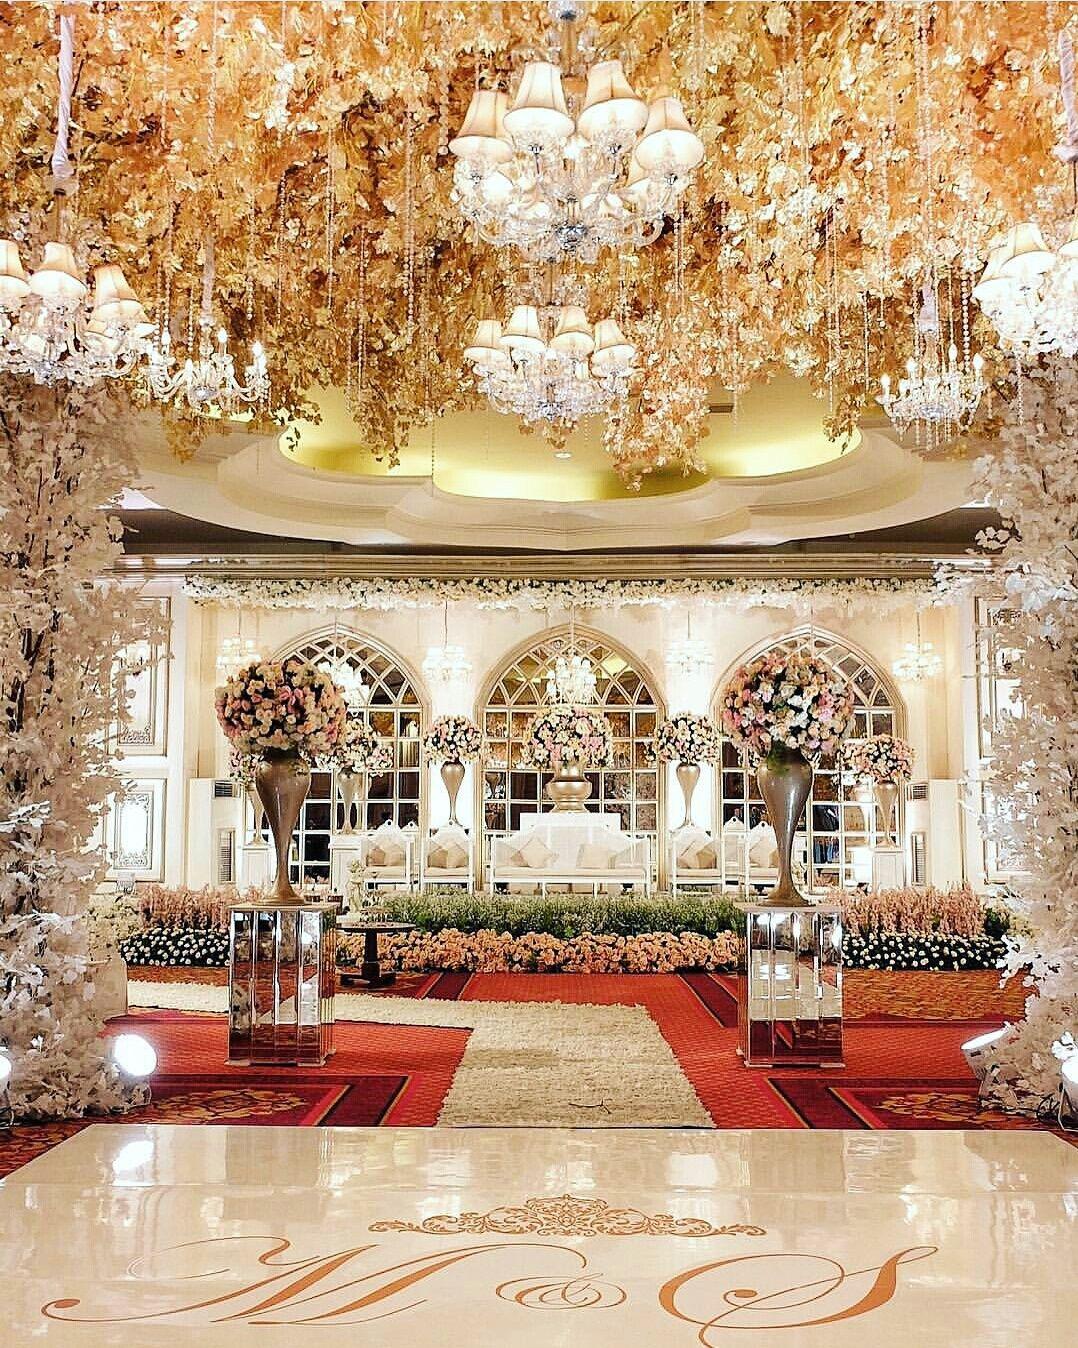 Fashion Glamour Style Luxury Luxury Wedding Decor Wedding Design Decoration Wedding Decor Elegant Luxury bridal room pictures